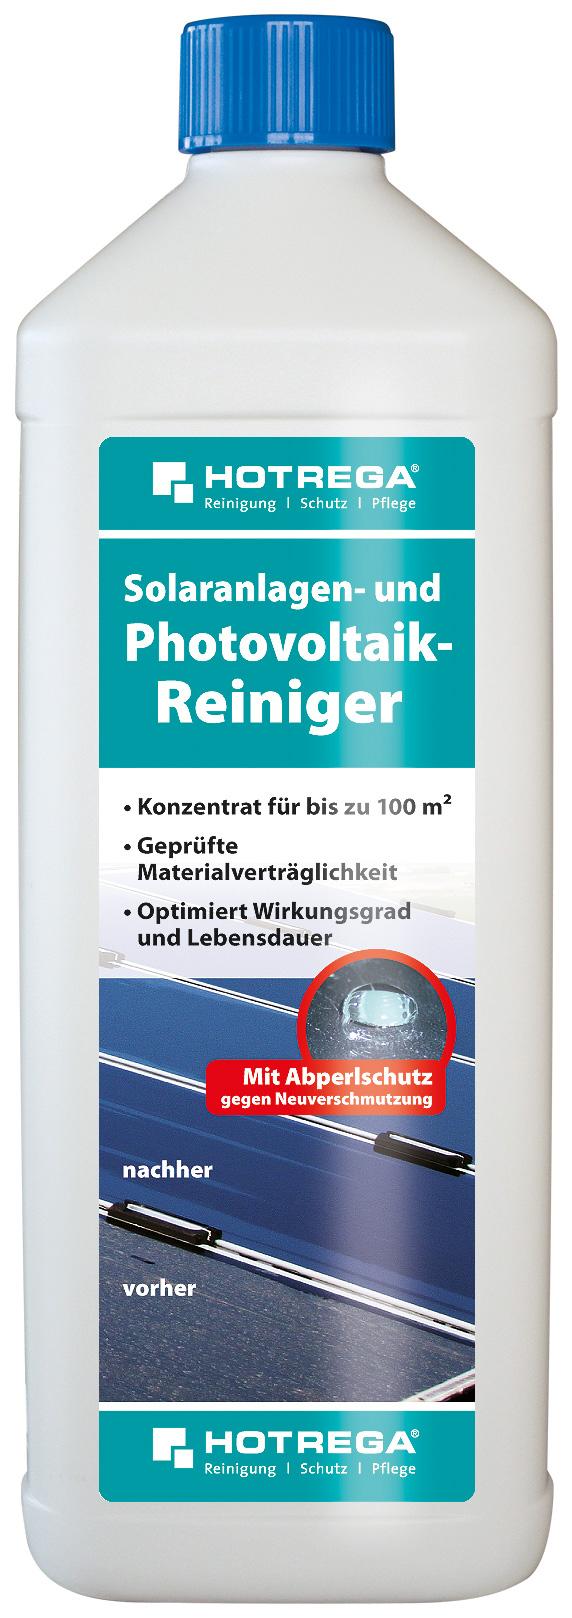 Photovoltaikanlagen Reiniger in 1 Liter Flasche (Konzentrat)